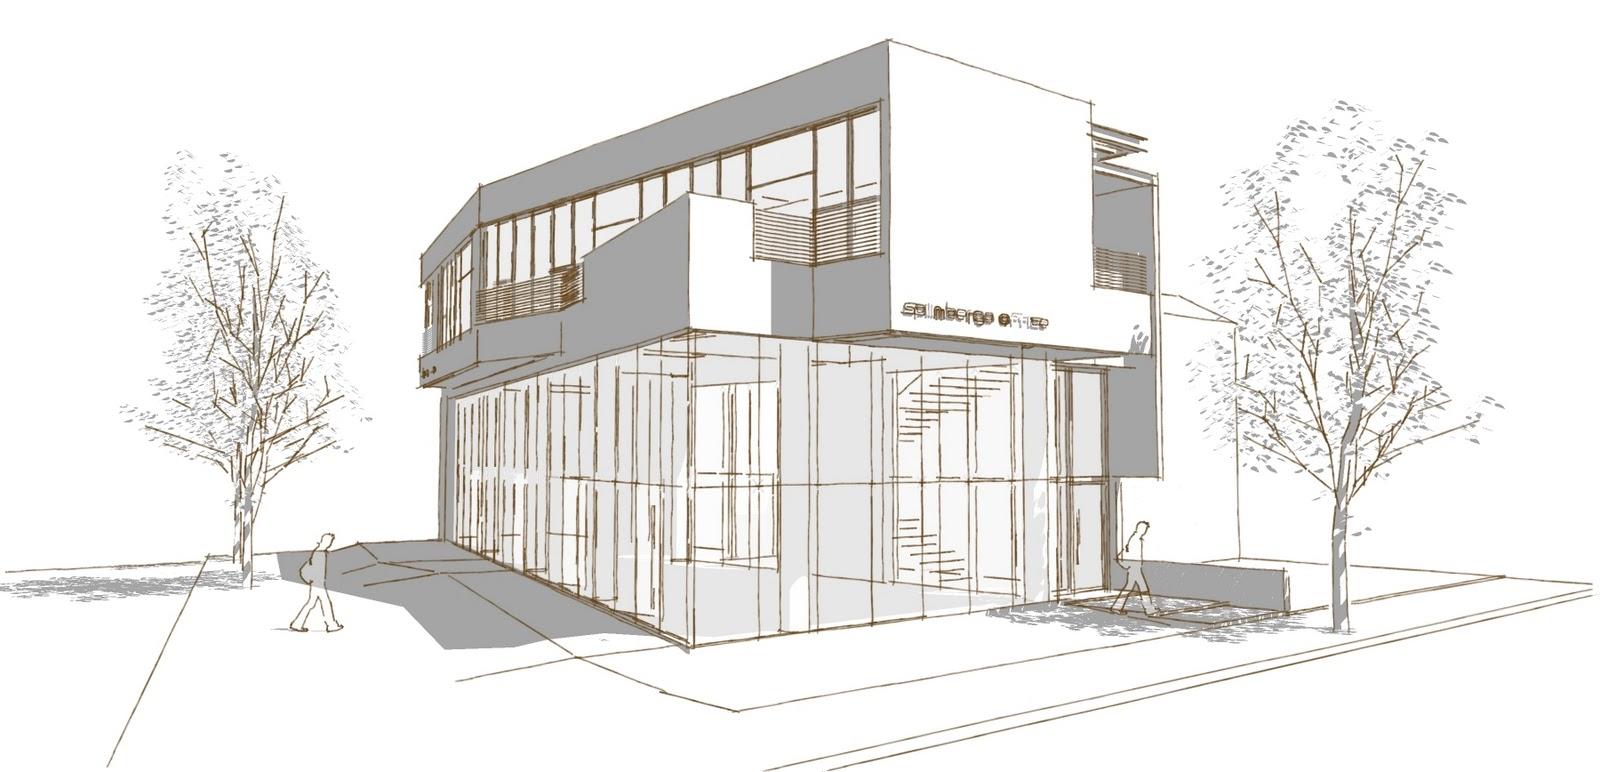 C s taller de arquitectura for Local arquitectura